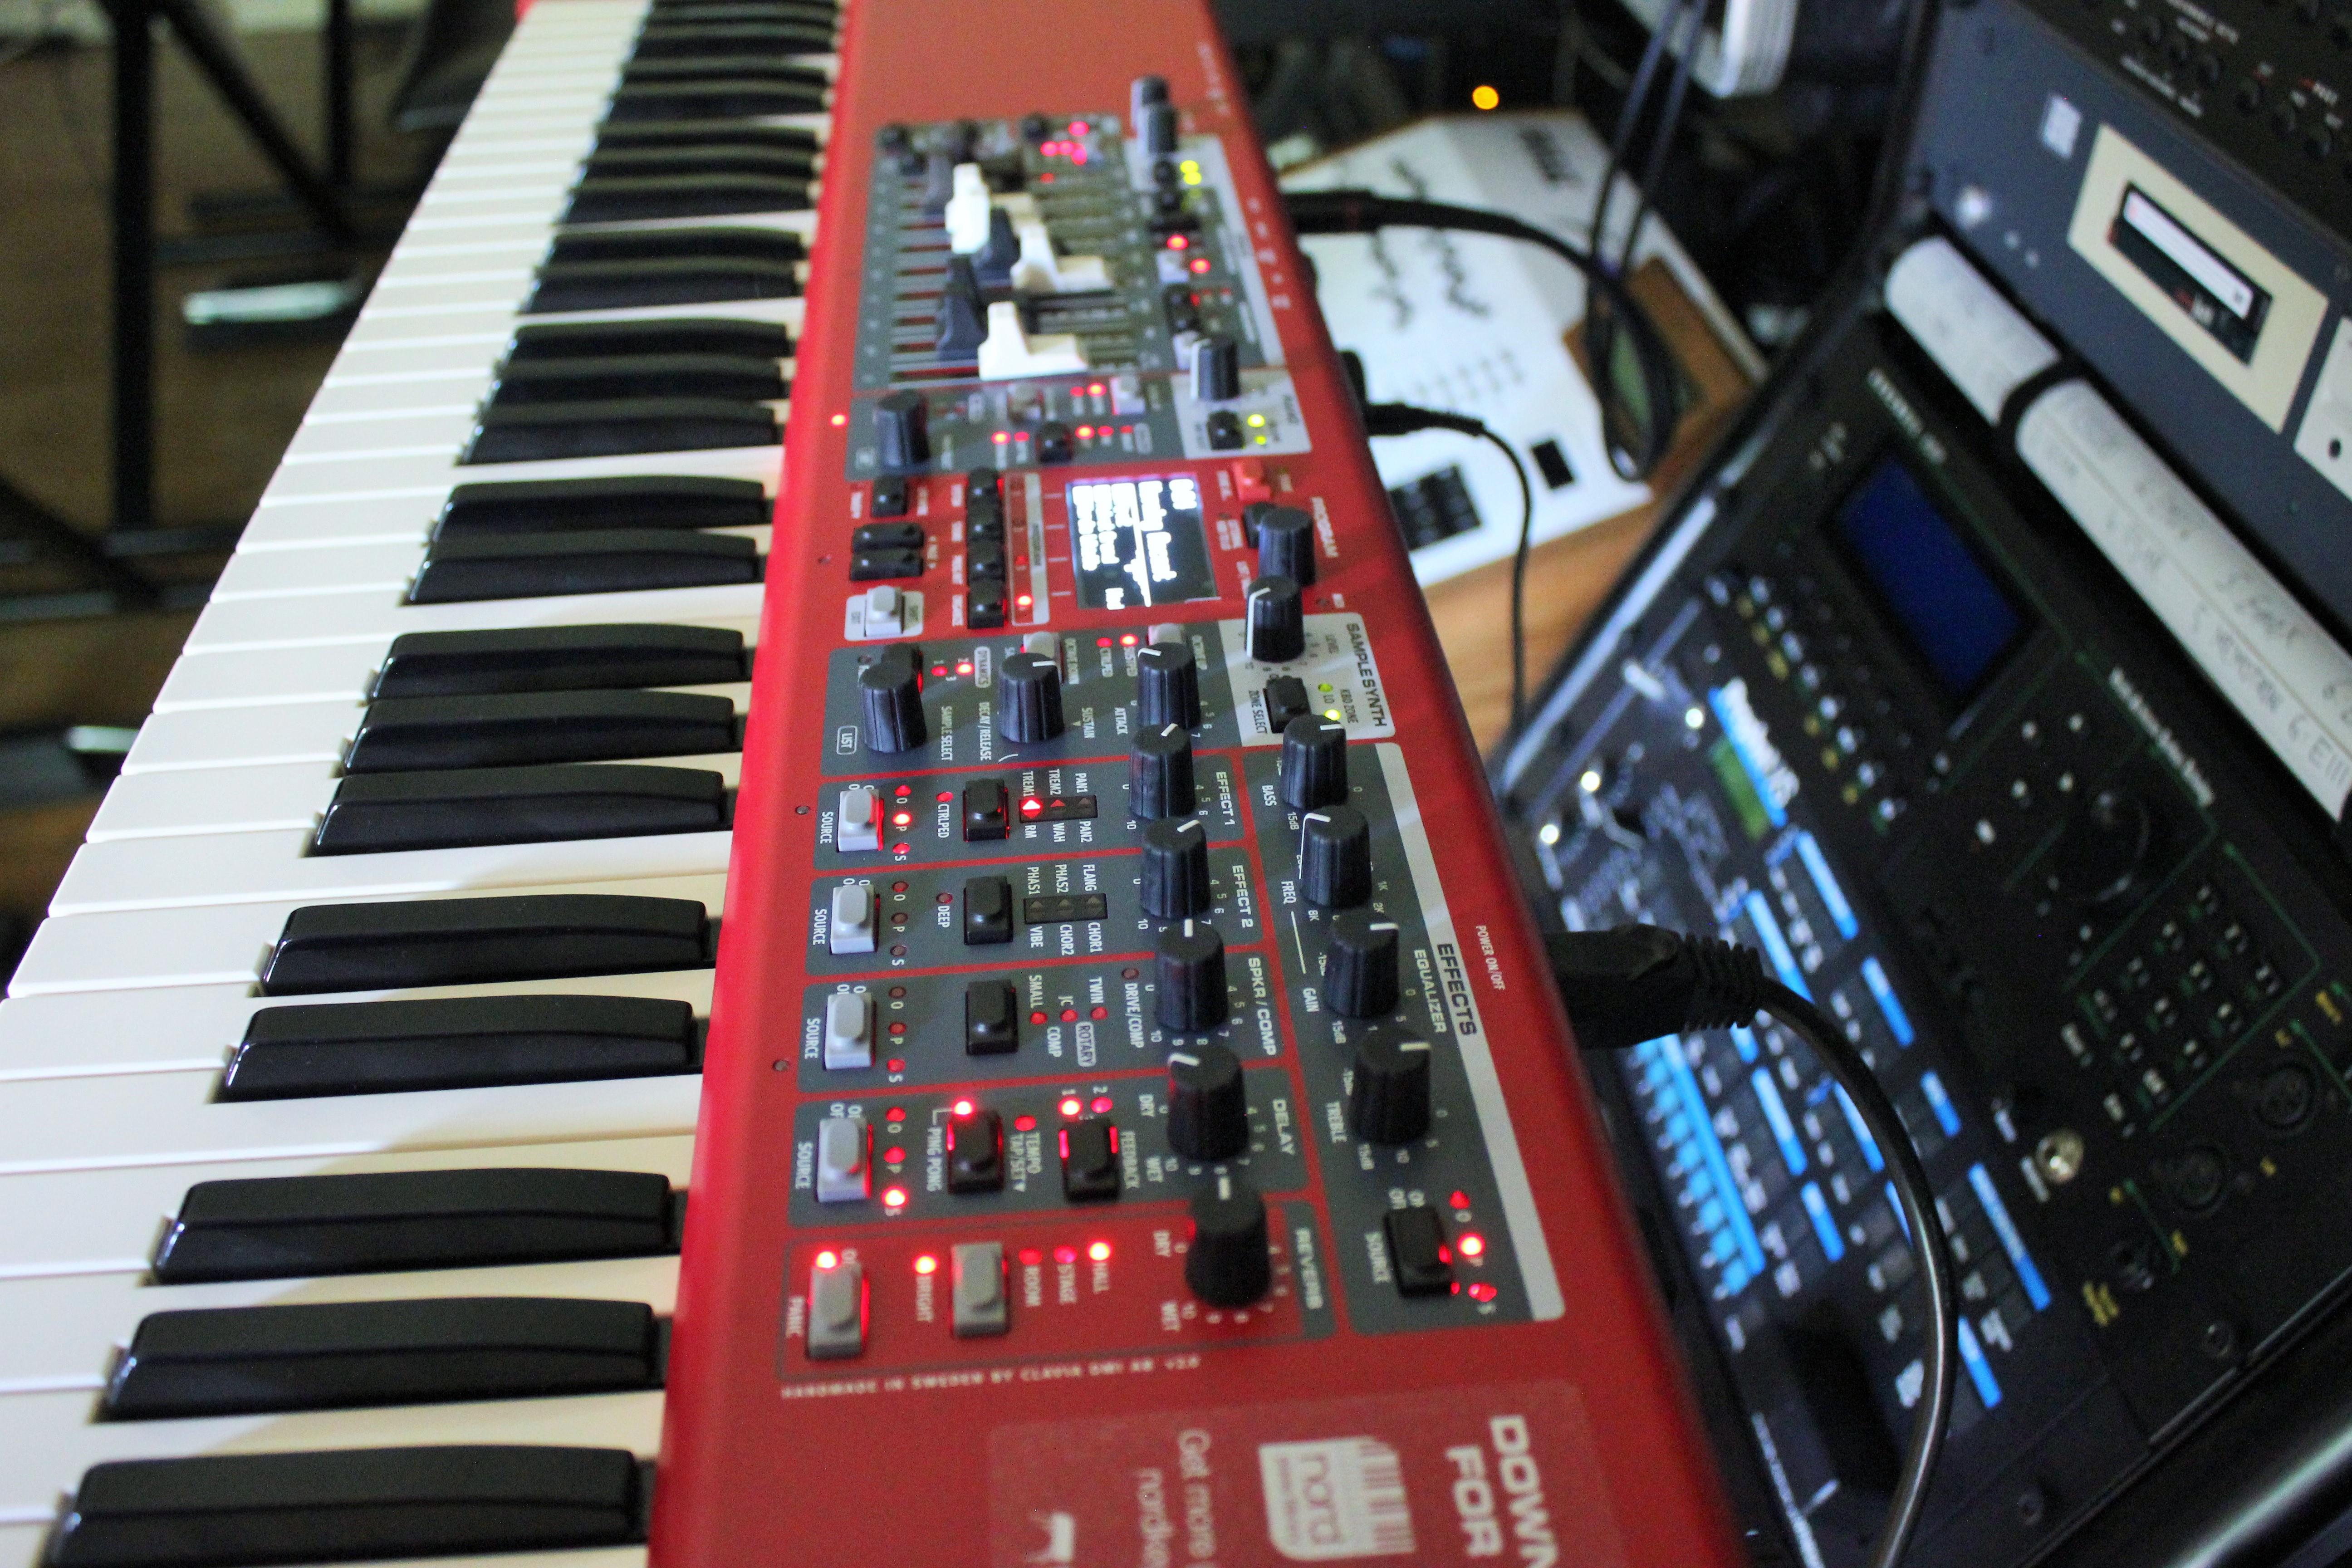 Hammond orgue numéro de série datant Edward Norton et Drew Barrymore datant